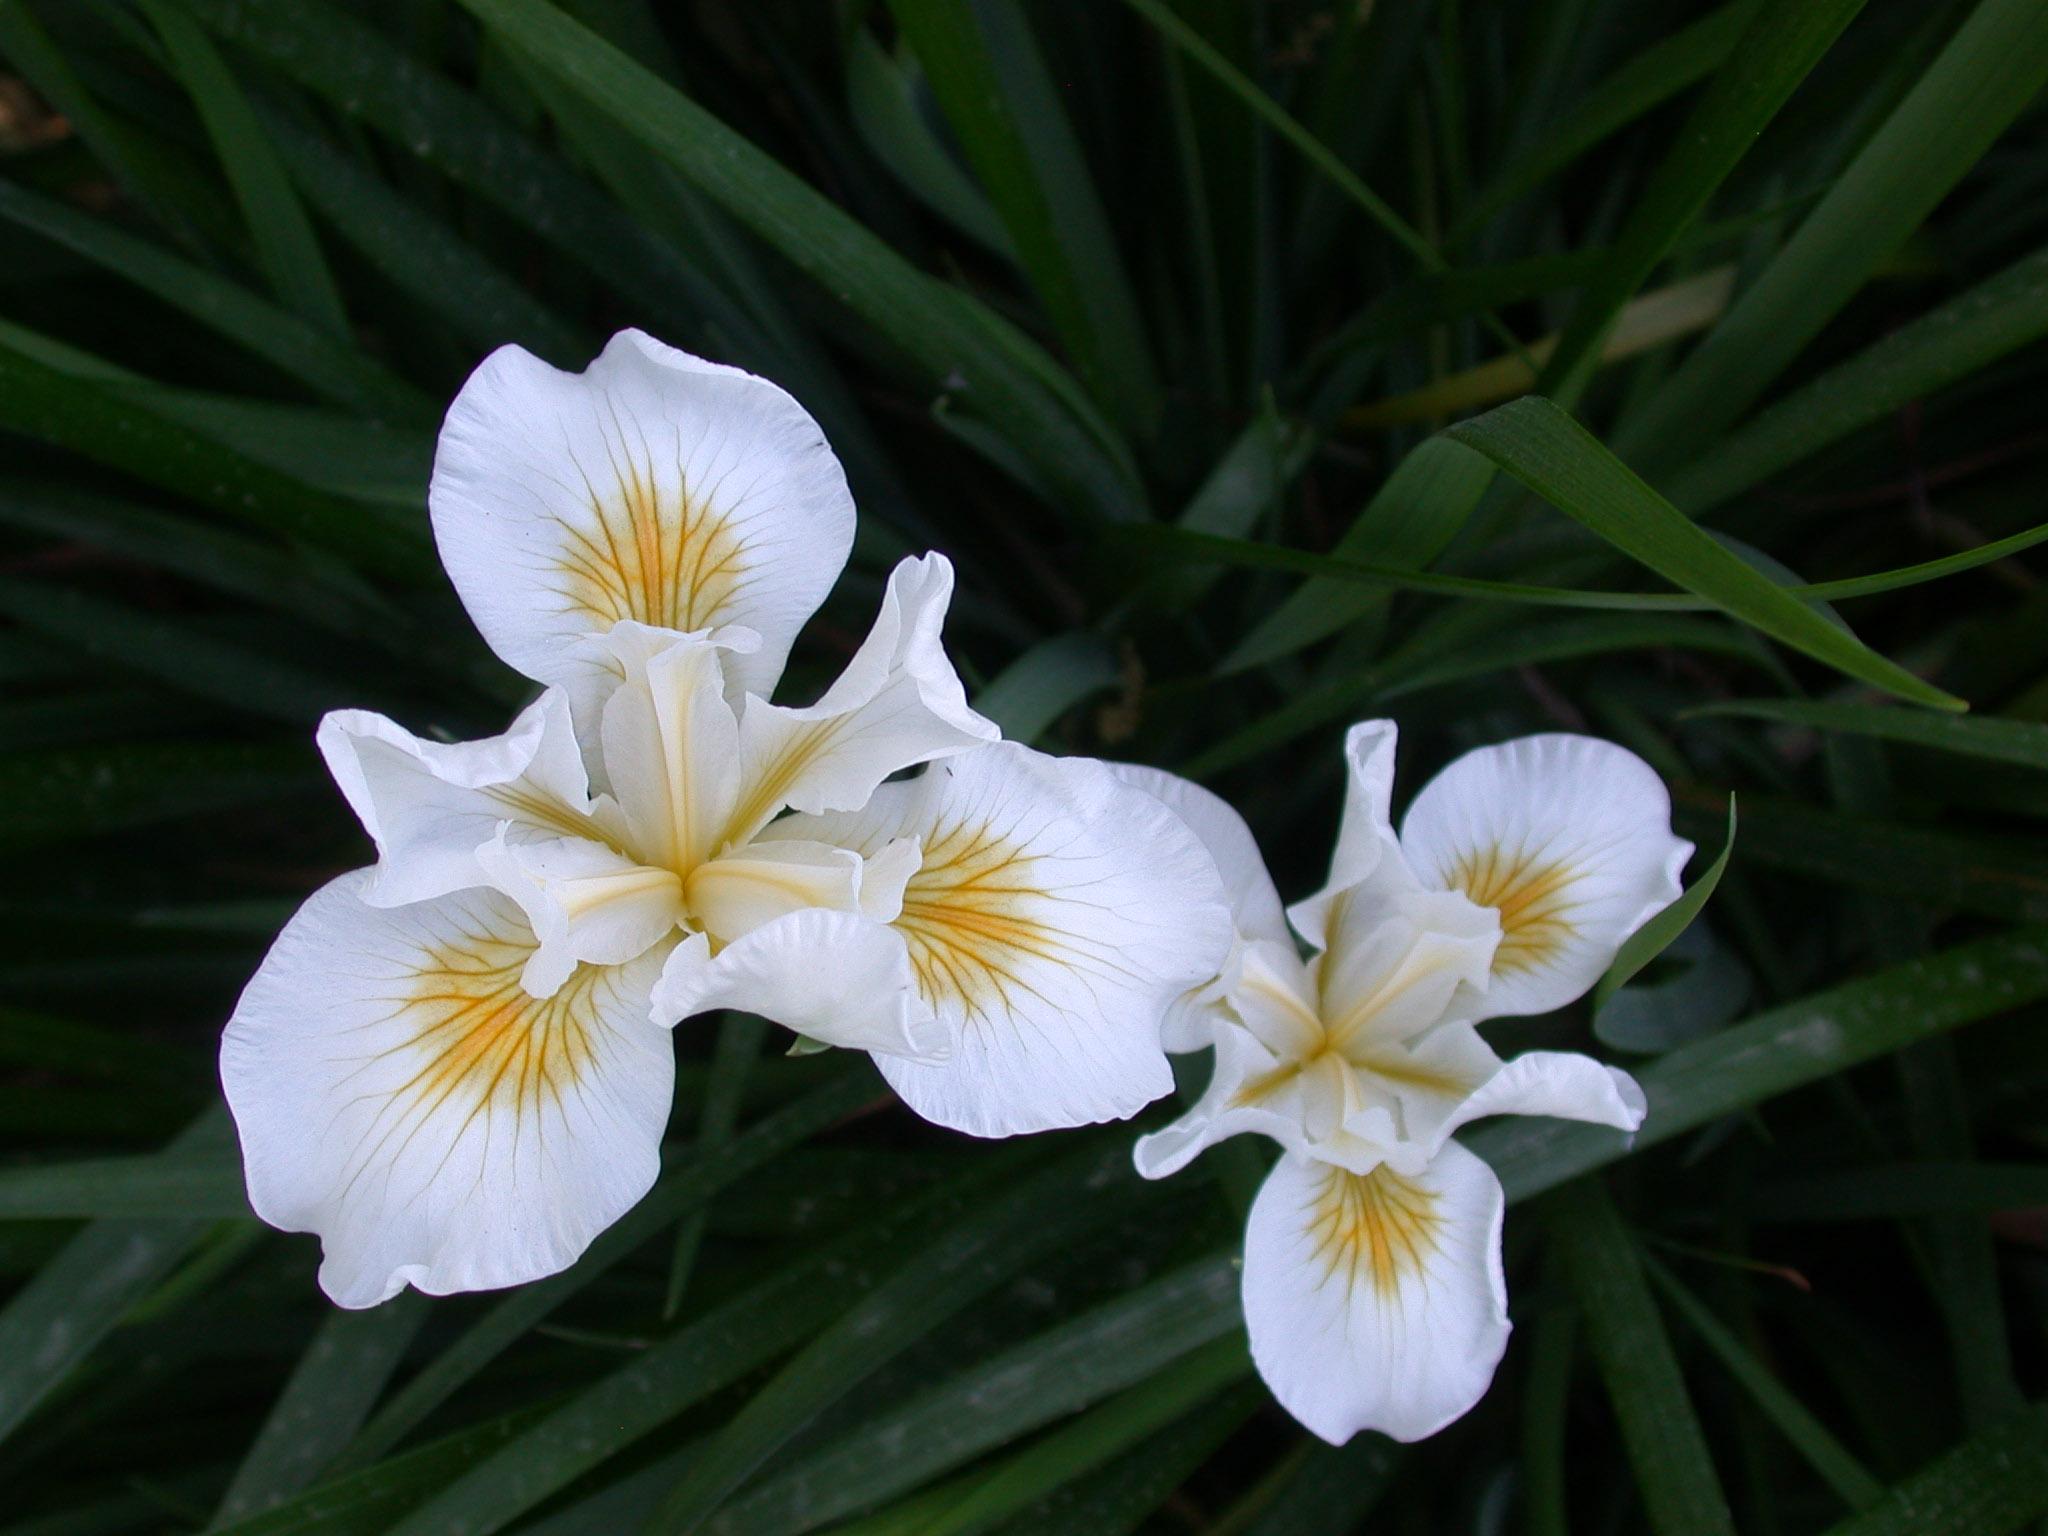 Canyon Snow Douglas iris